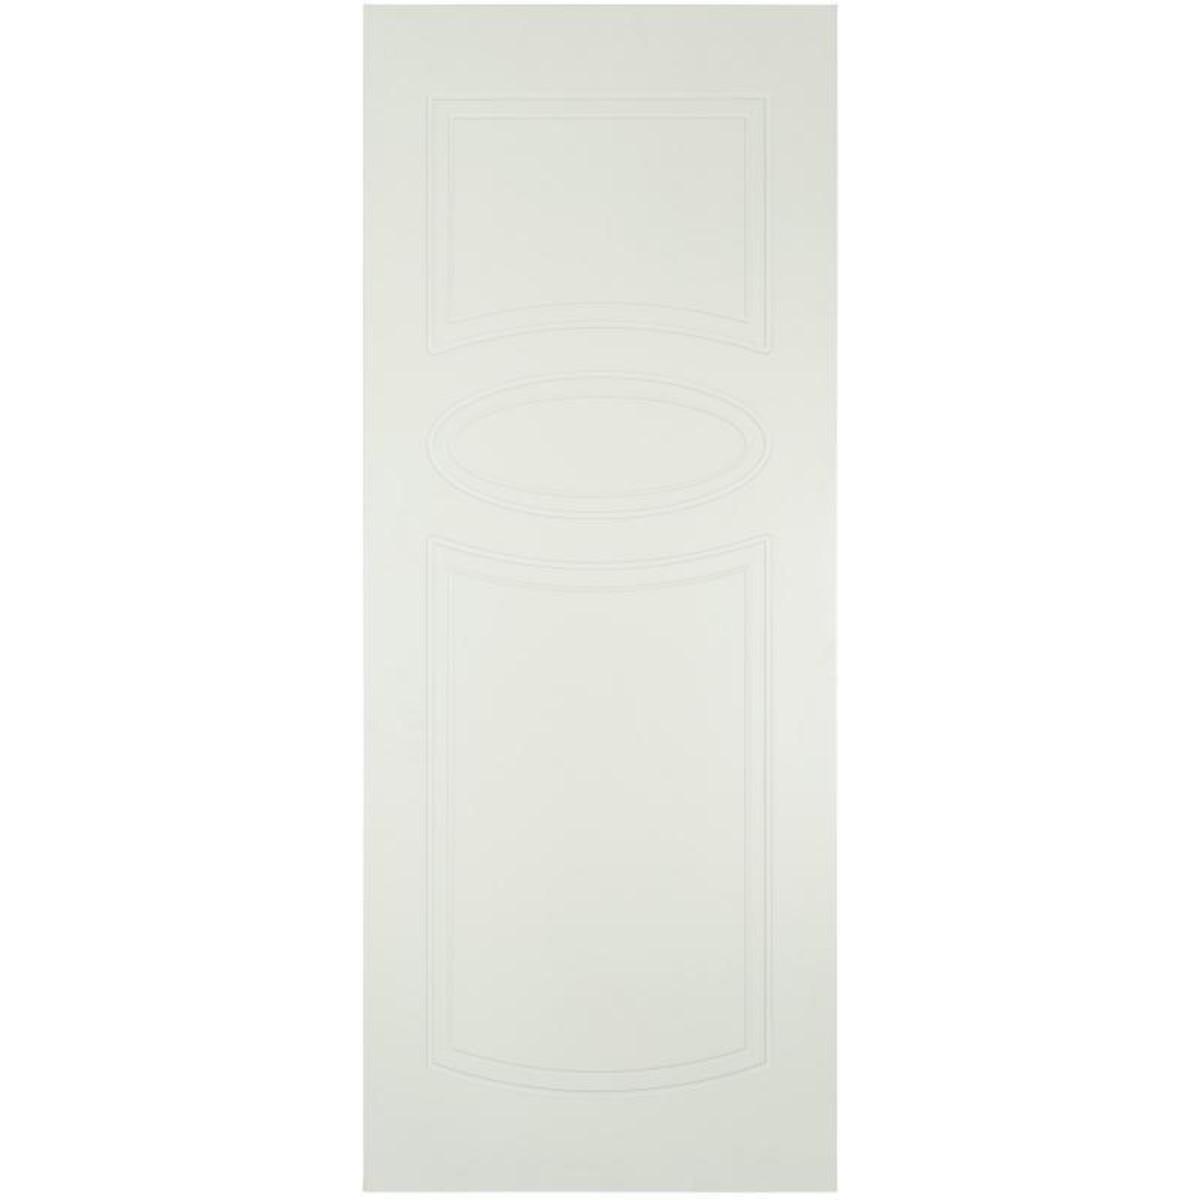 Дверь Межкомнатная Глухая Аккорд 60x200 Эмаль Цвет Белый